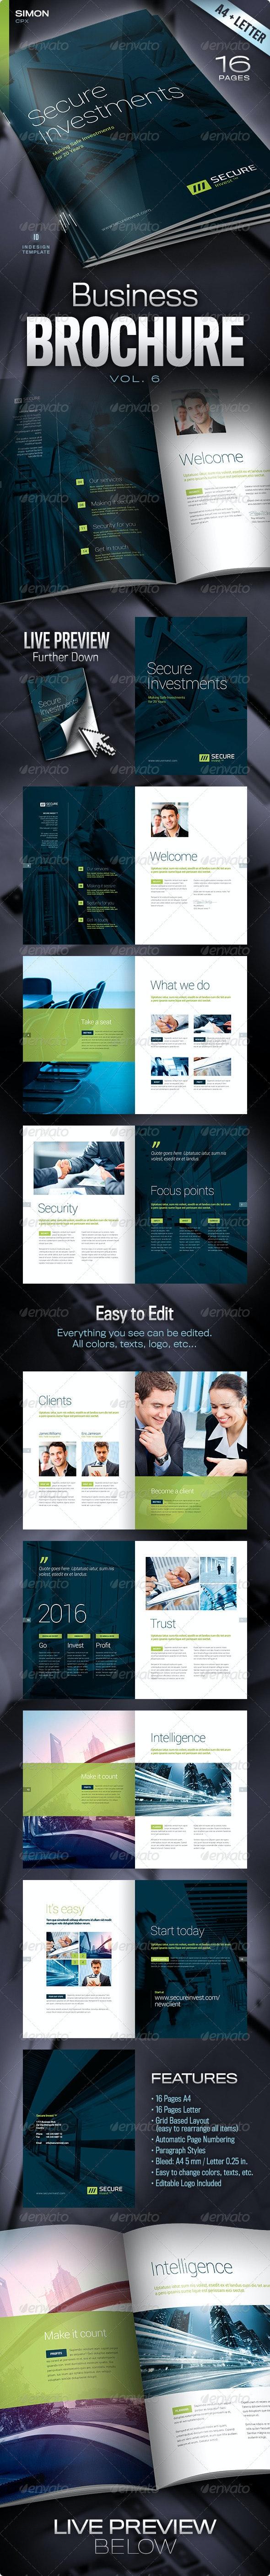 Business Brochure Vol. 6 - Corporate Brochures